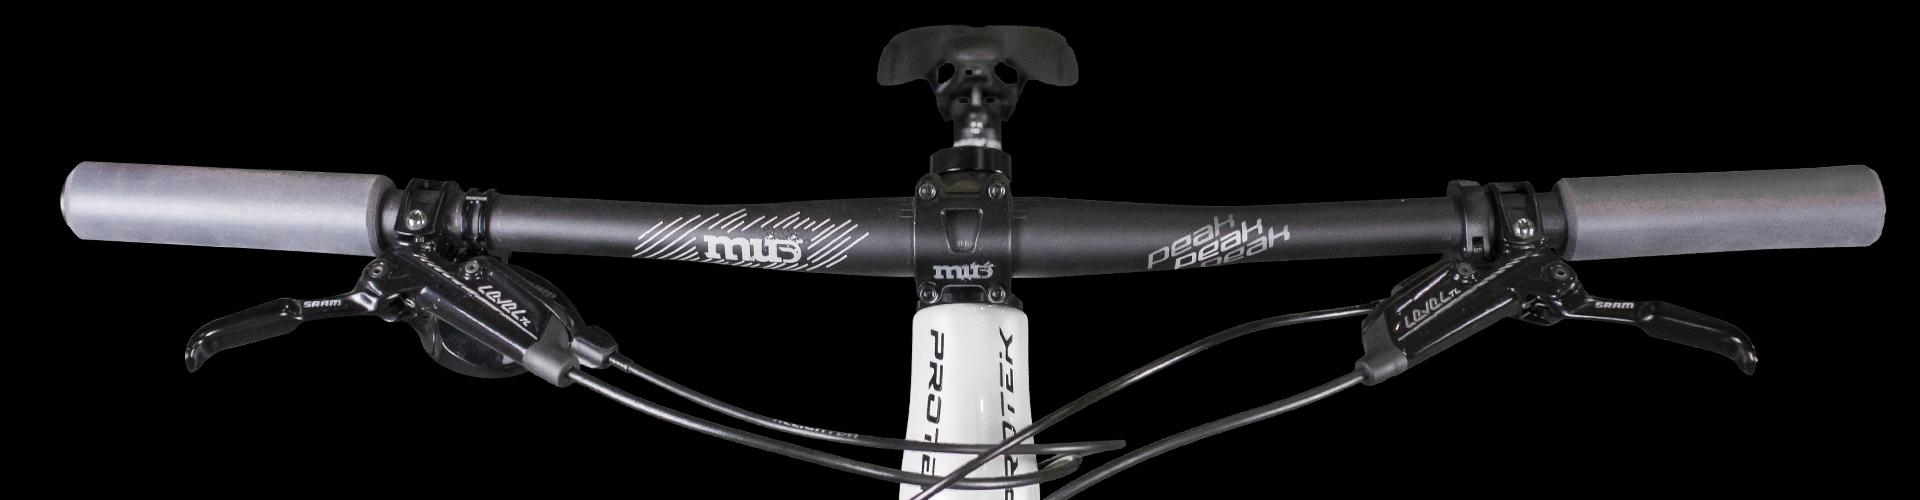 bici-x-spider-2